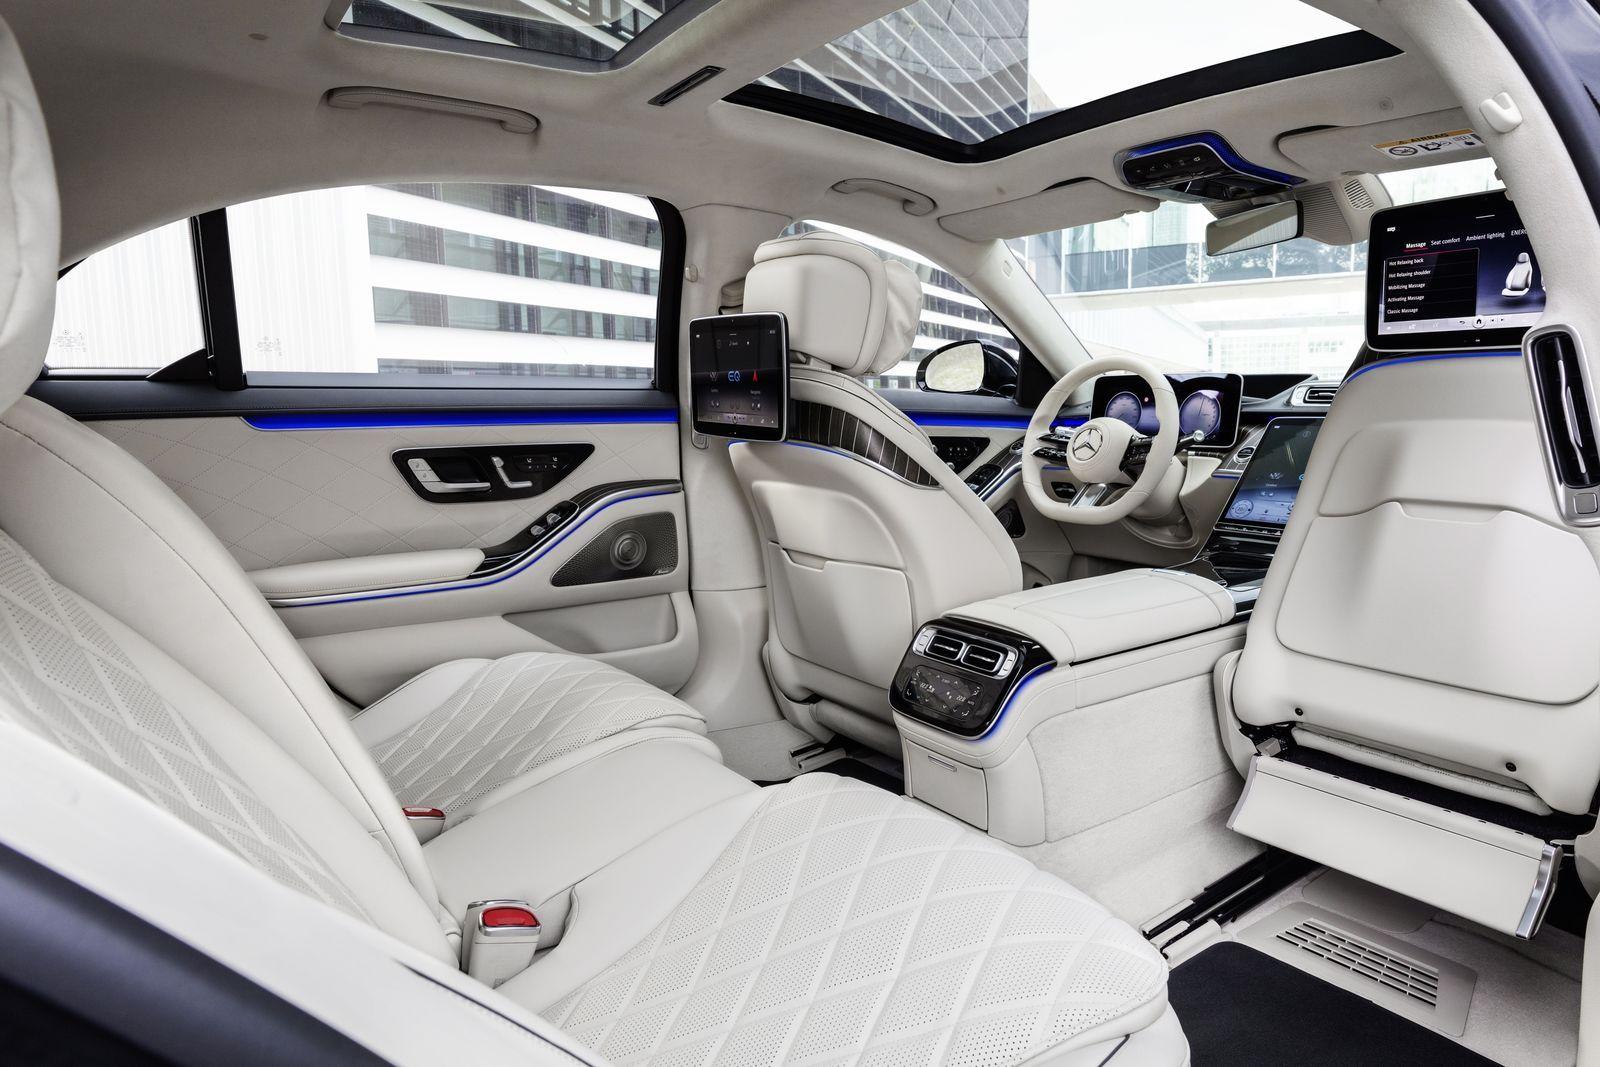 Mercedes Clase S 2021 La Berlina Más Sofisticada Ha Llegado Mercedes S Class Interior Benz S Class Mercedes S Class